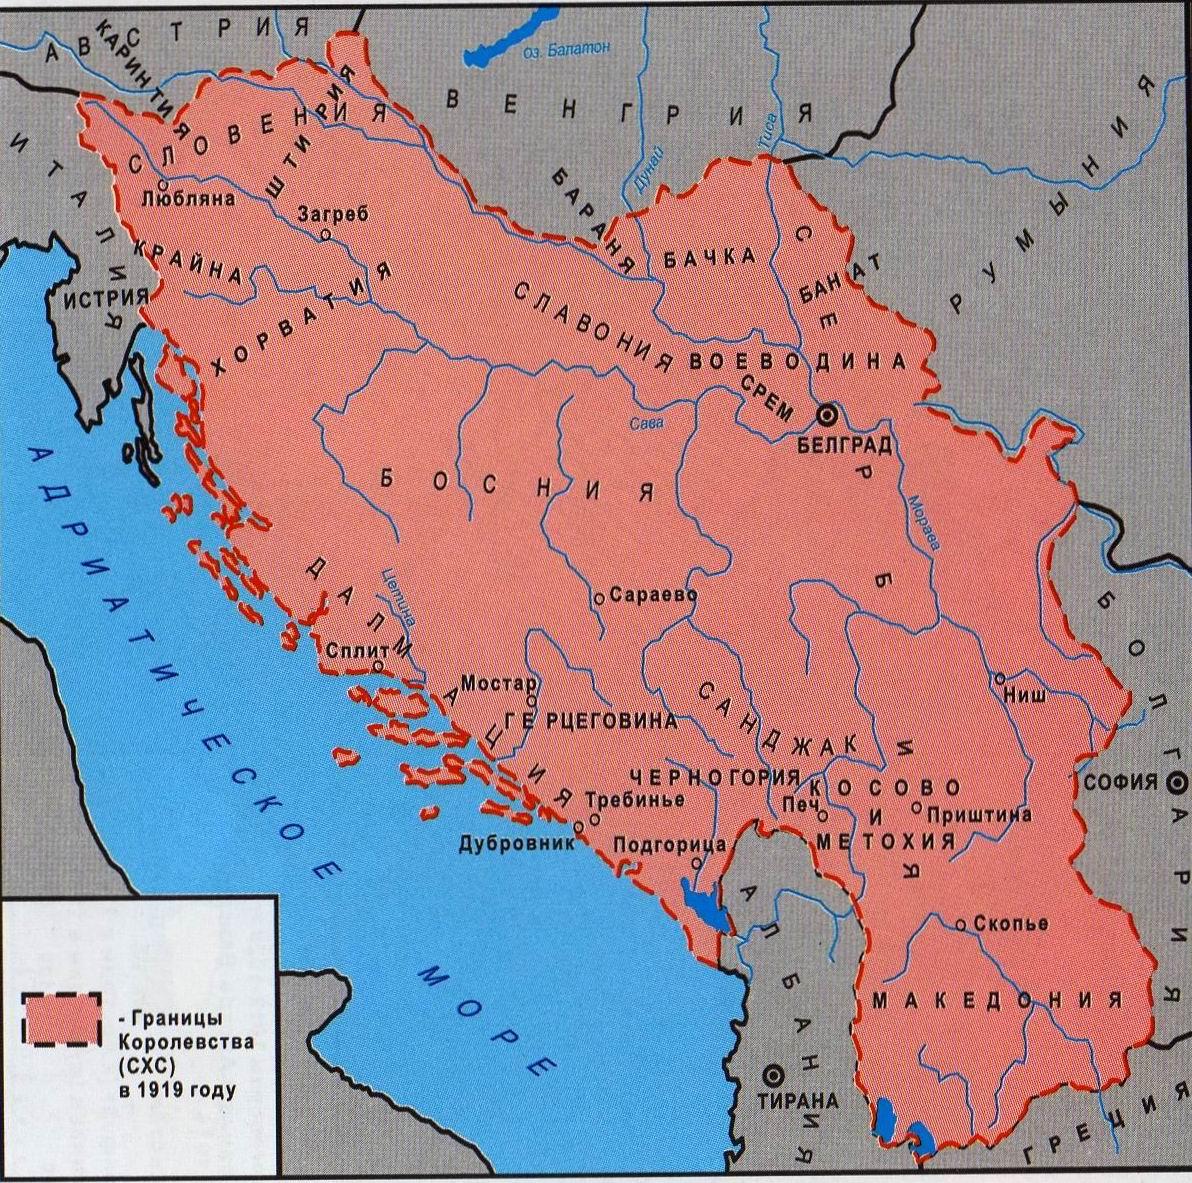 Королевство сербия 50 коп 2008 года стоимость м